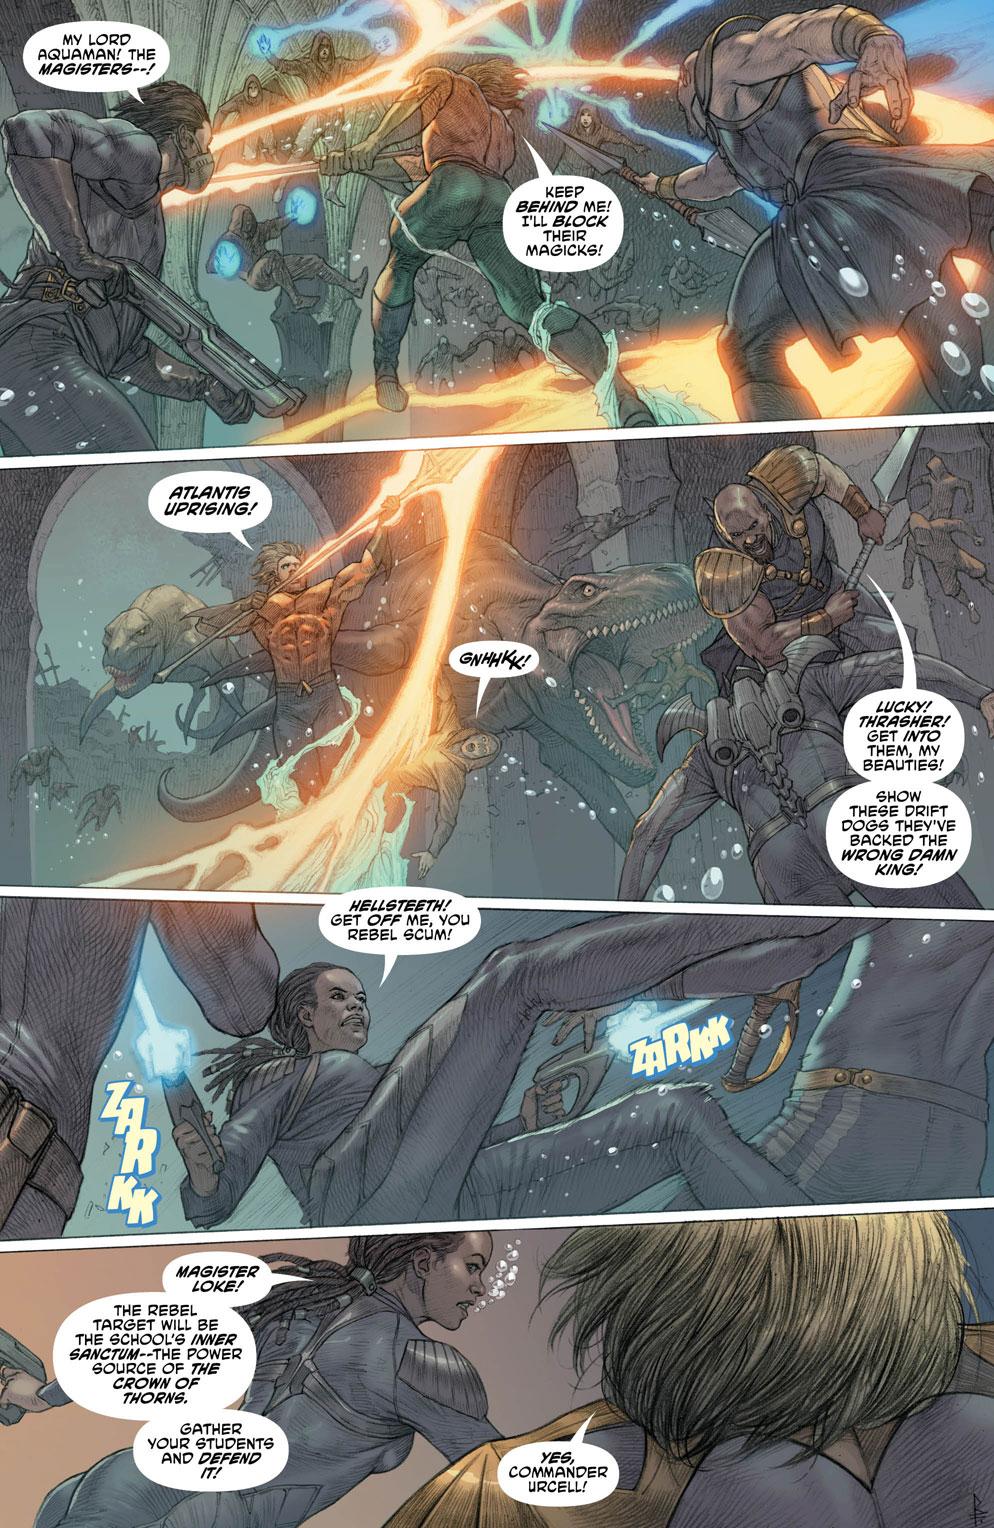 Aquaman 33_4 - DC Comics News